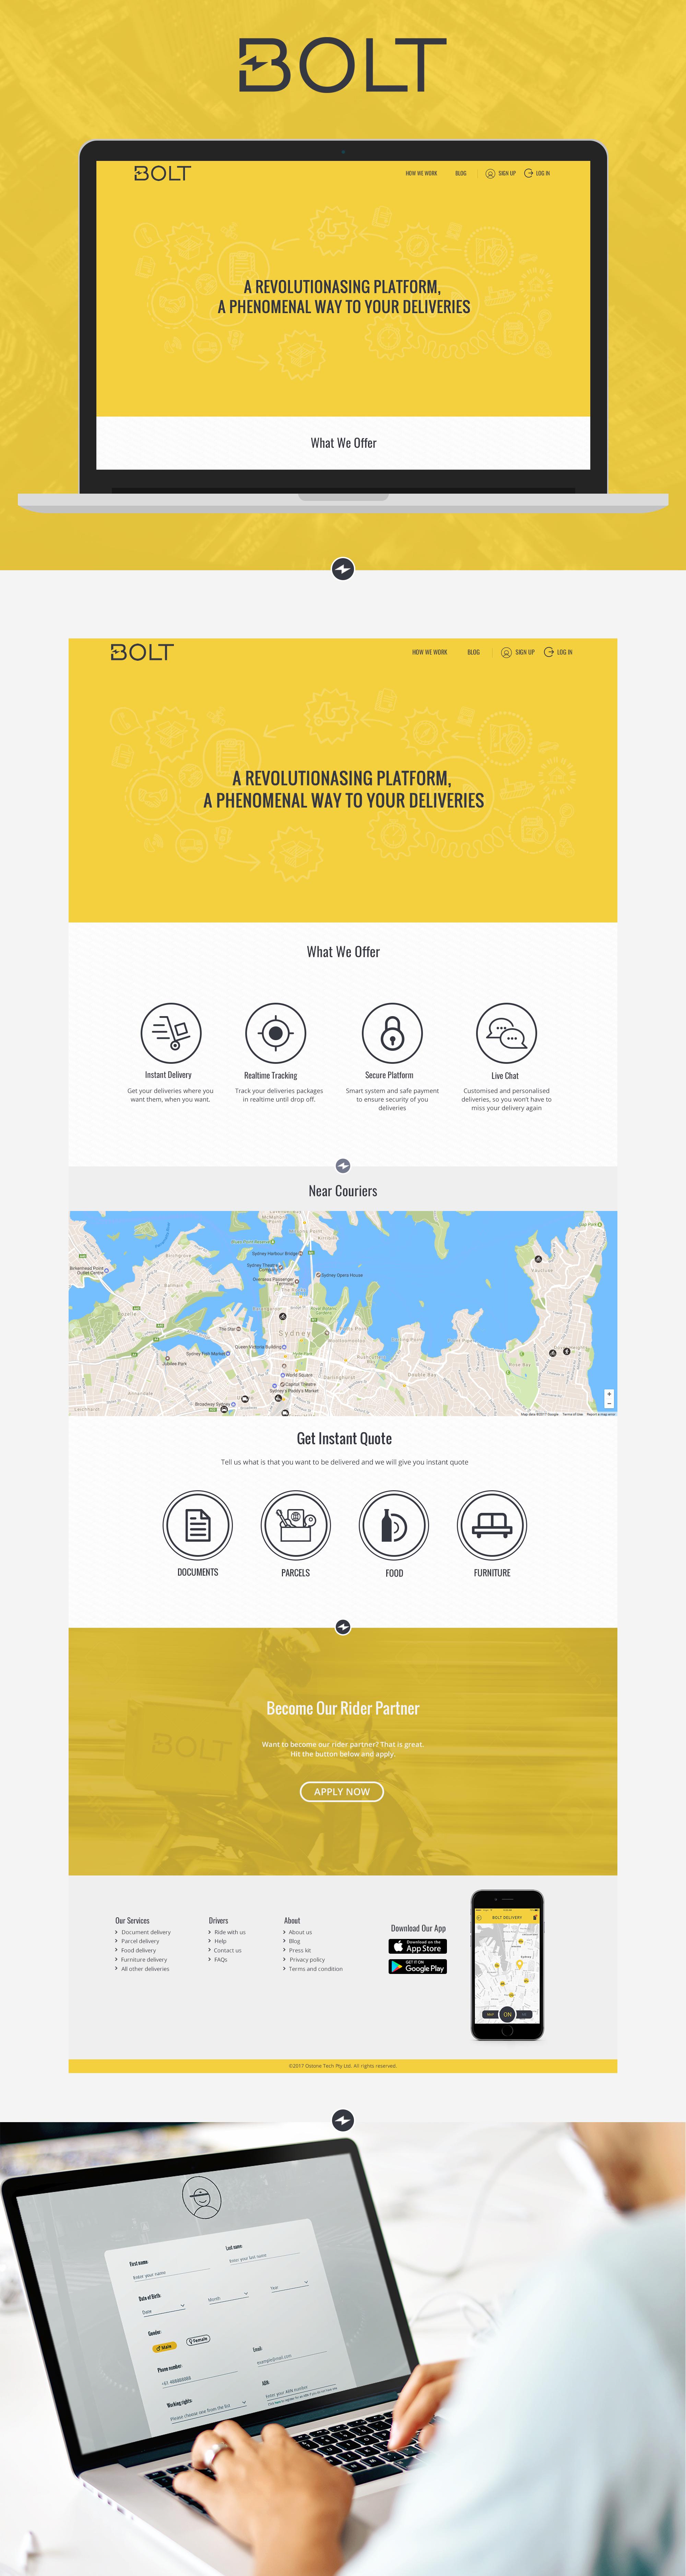 Webpage design for Bolt Delivery